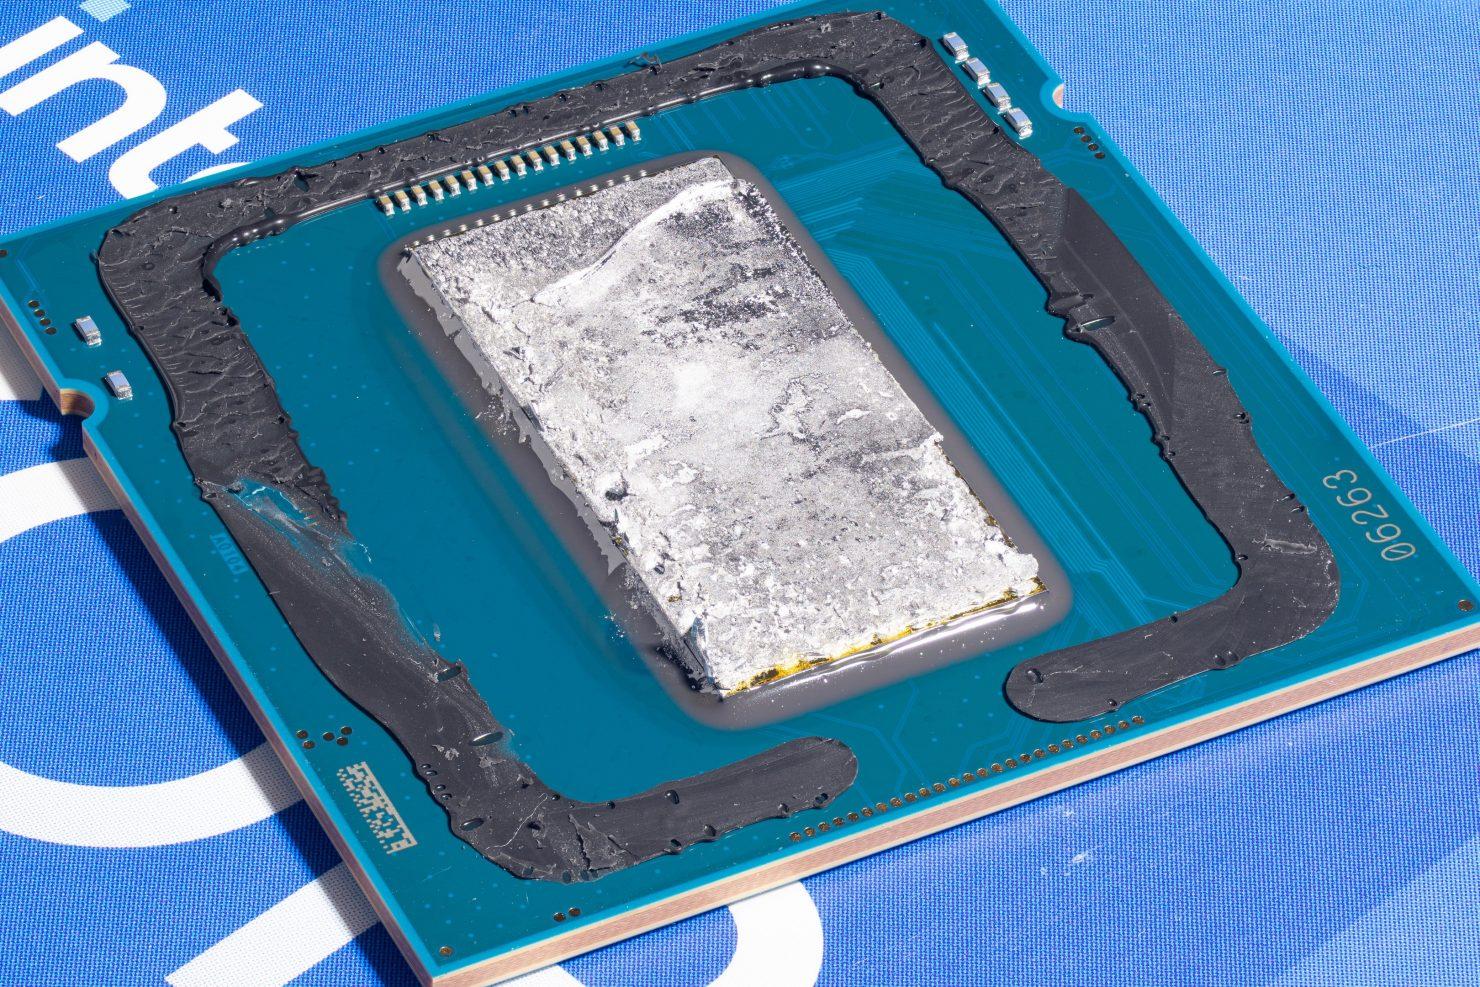 intel-rocket-lake-desktop-cpu-tested-while-delidded,-gets-super-high-res-die-shots